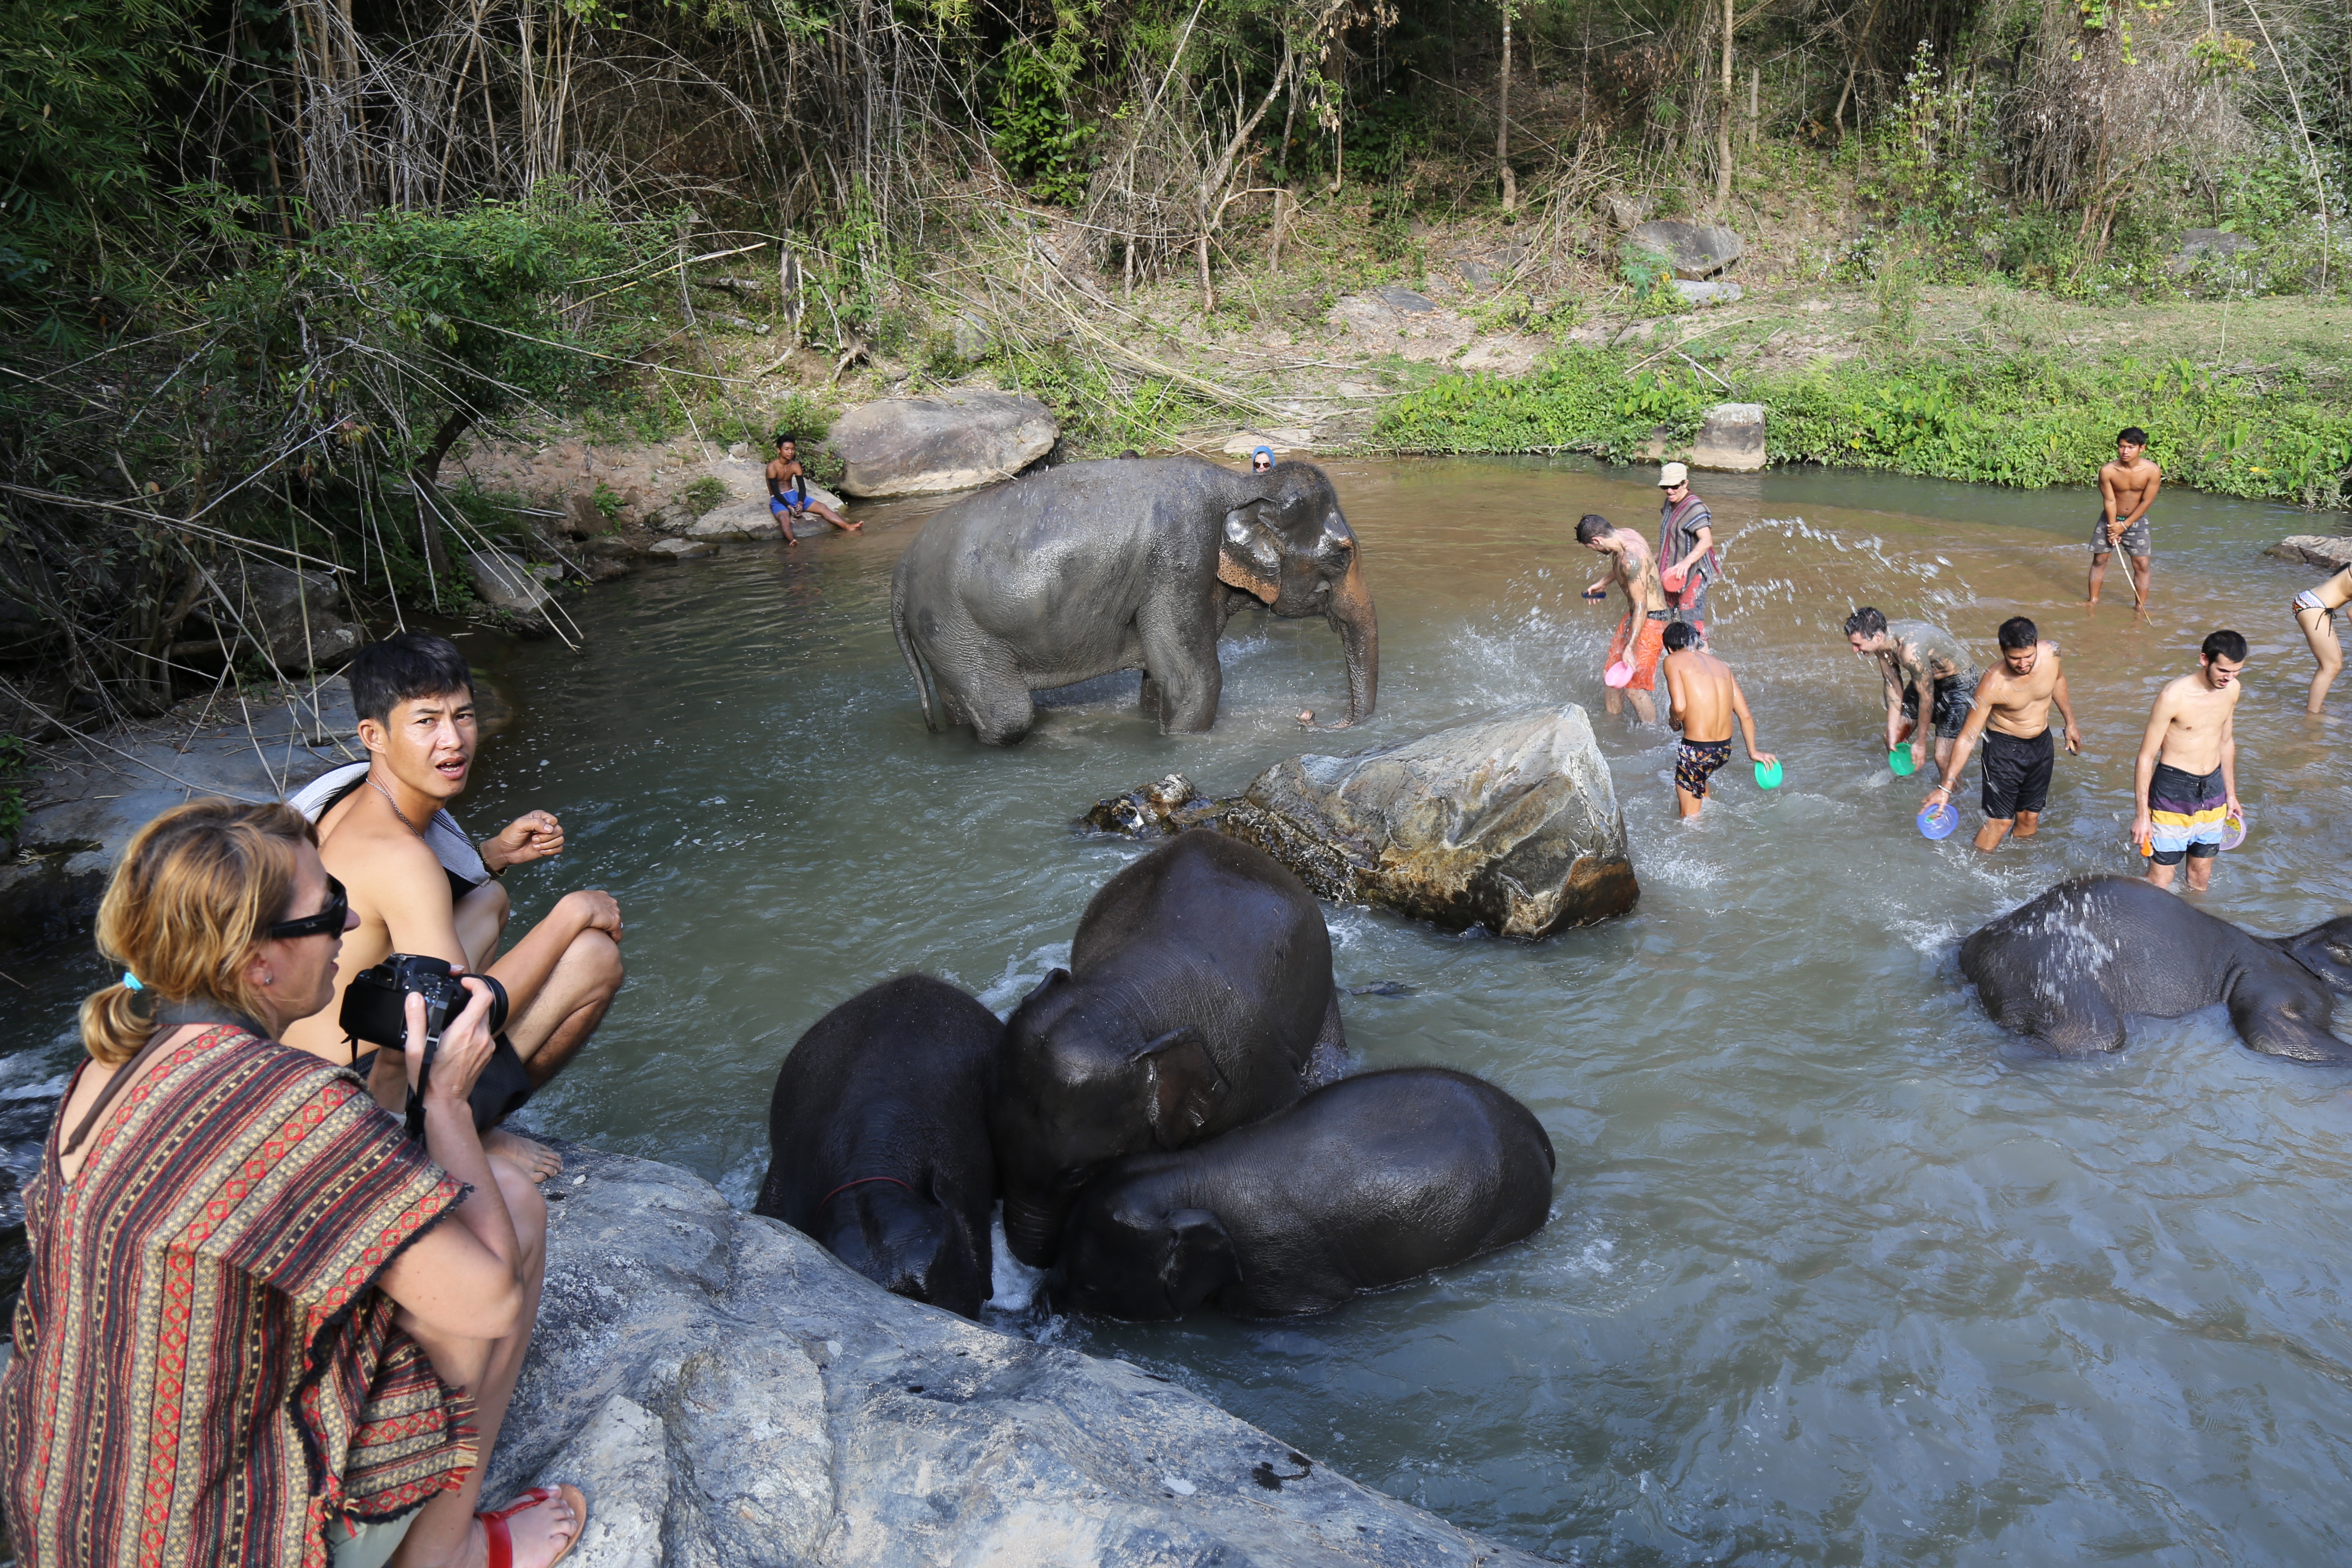 Banho de cachoeira com elefantes. (Foto: Nathalia Tavolieri / Viagem em Detalhes)